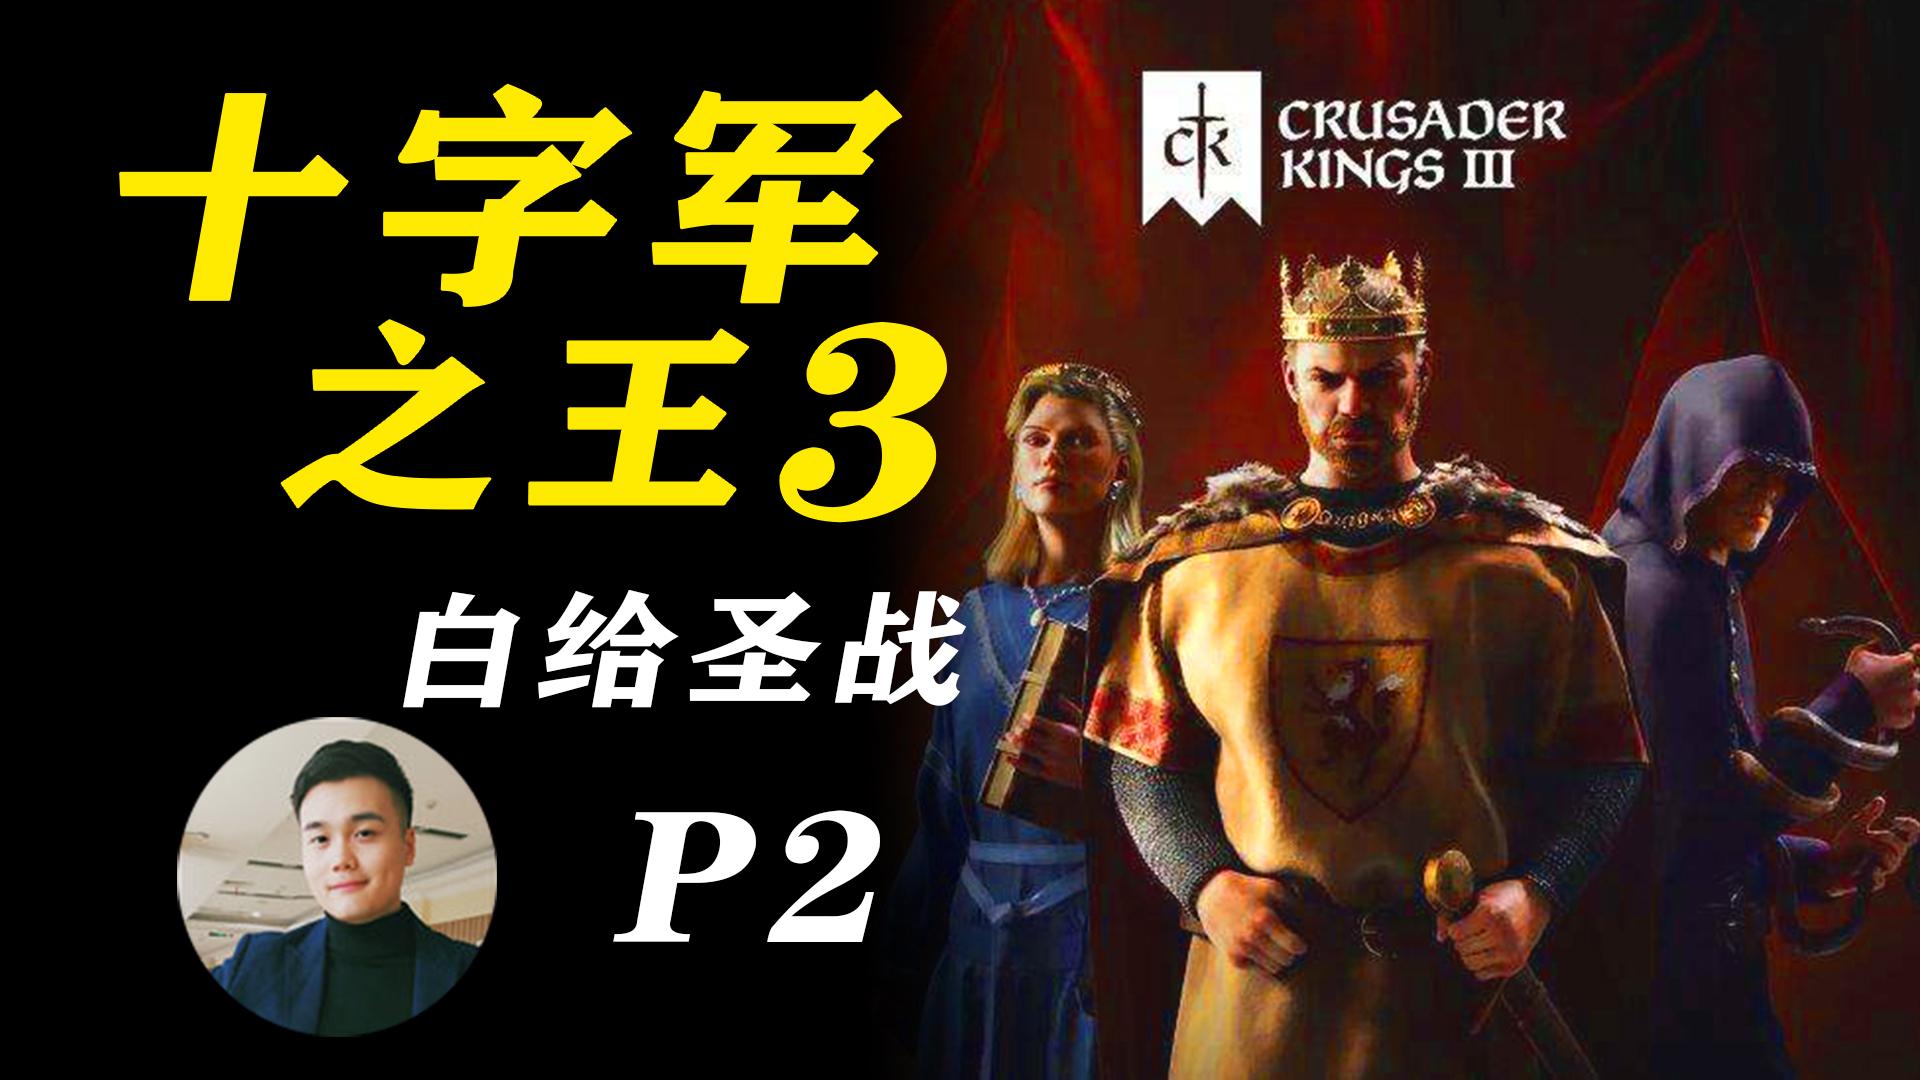 《十字军之王3 CK3》白给圣战!十字军东征耶路撒冷!